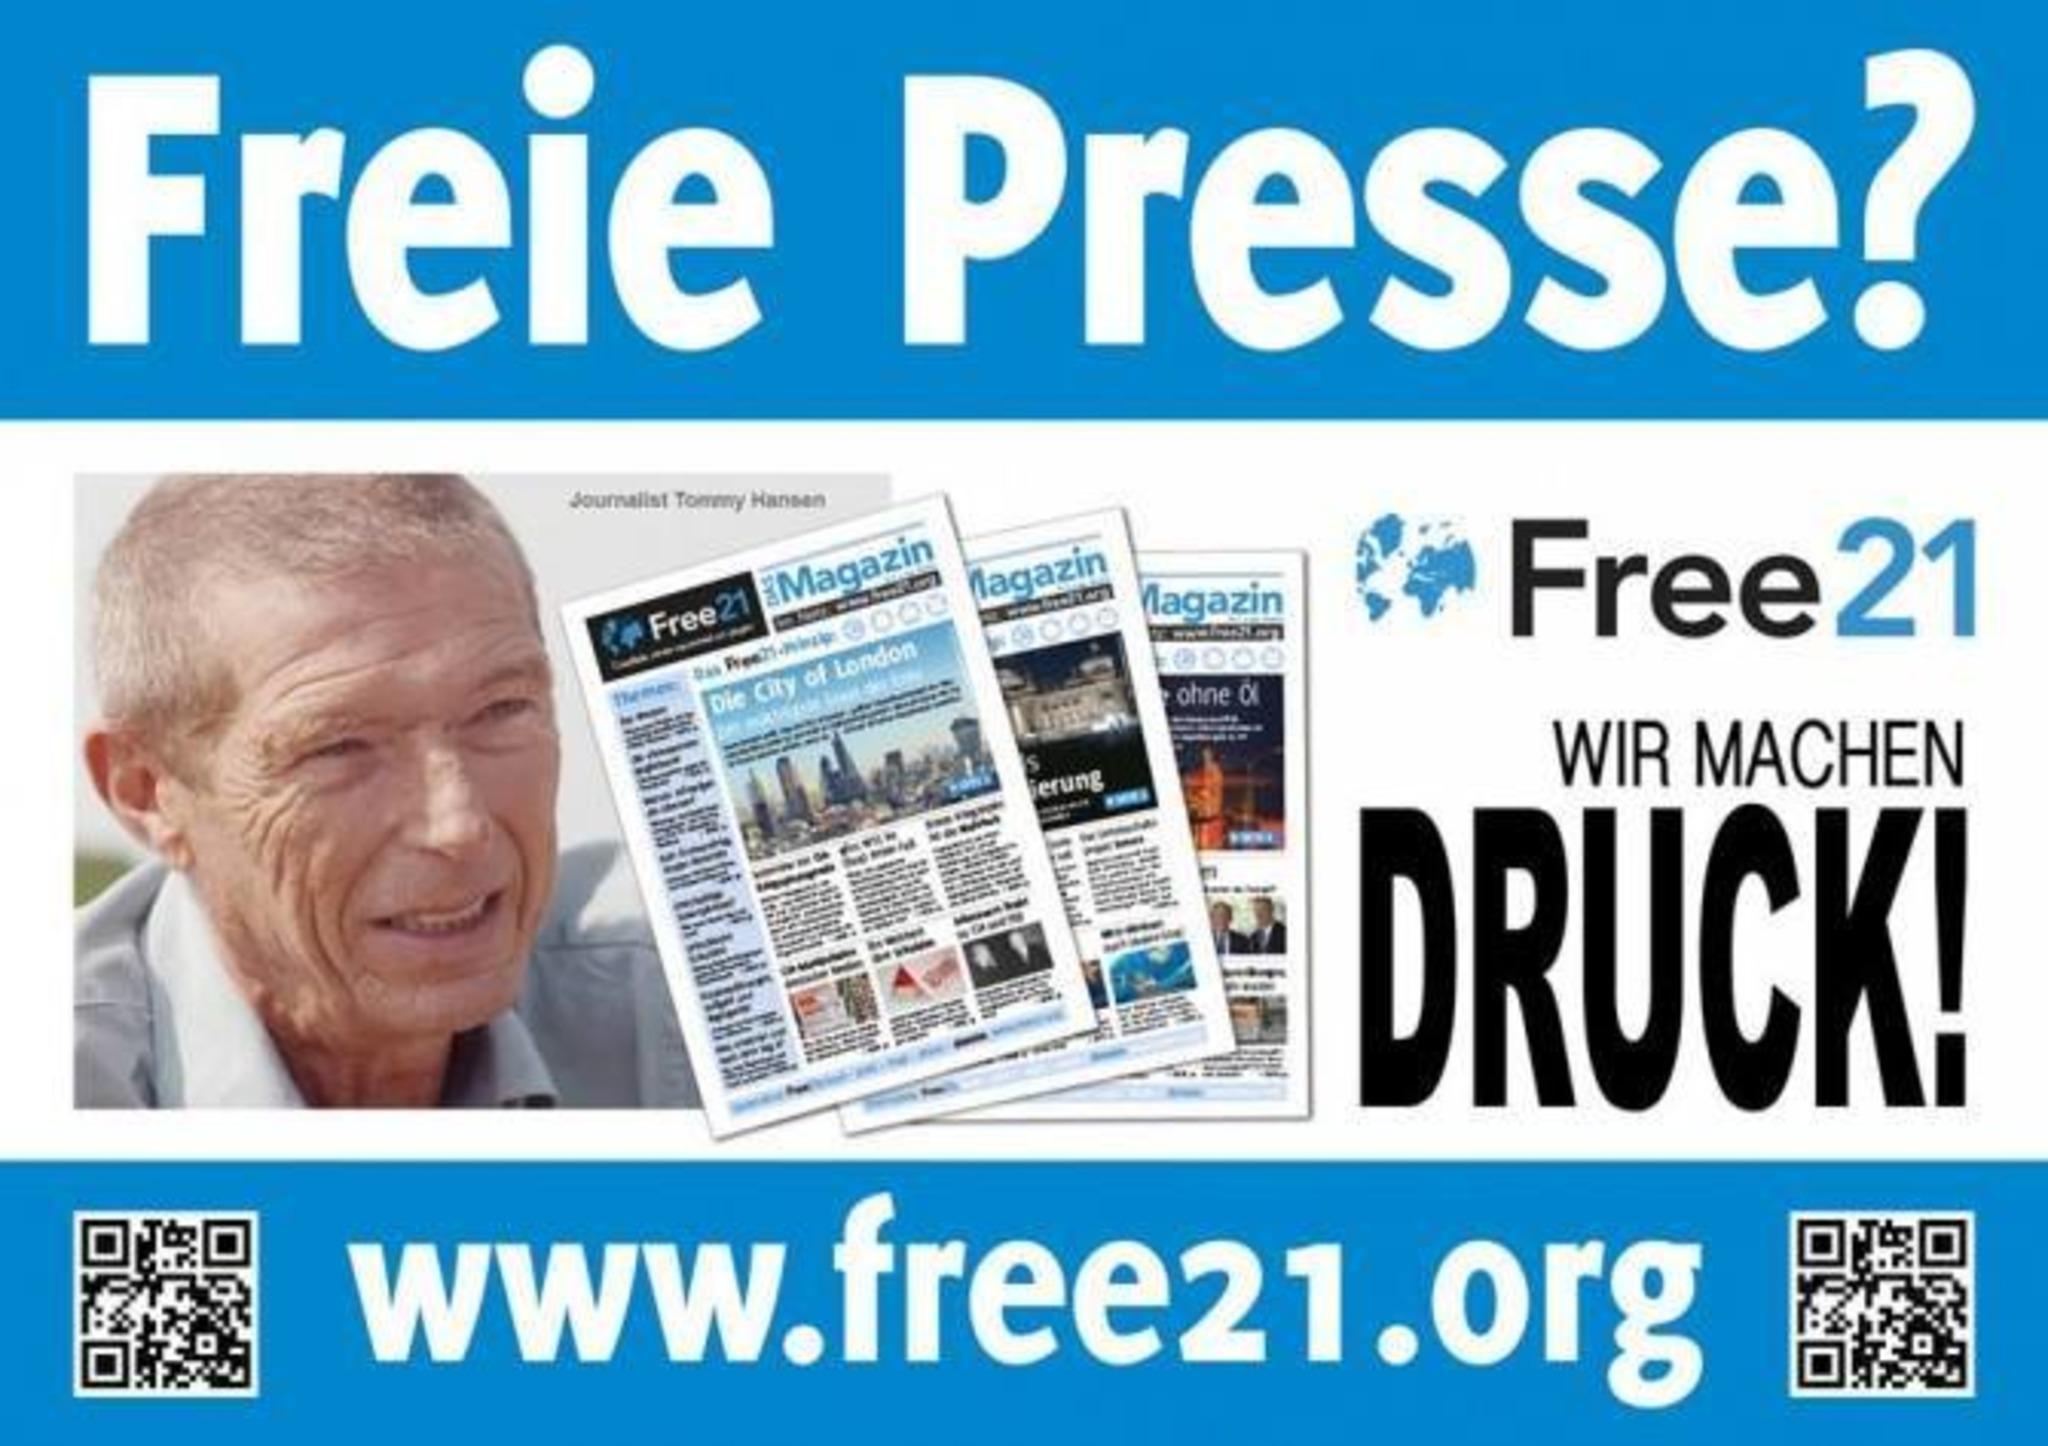 Freie presse anzeige er sucht sie